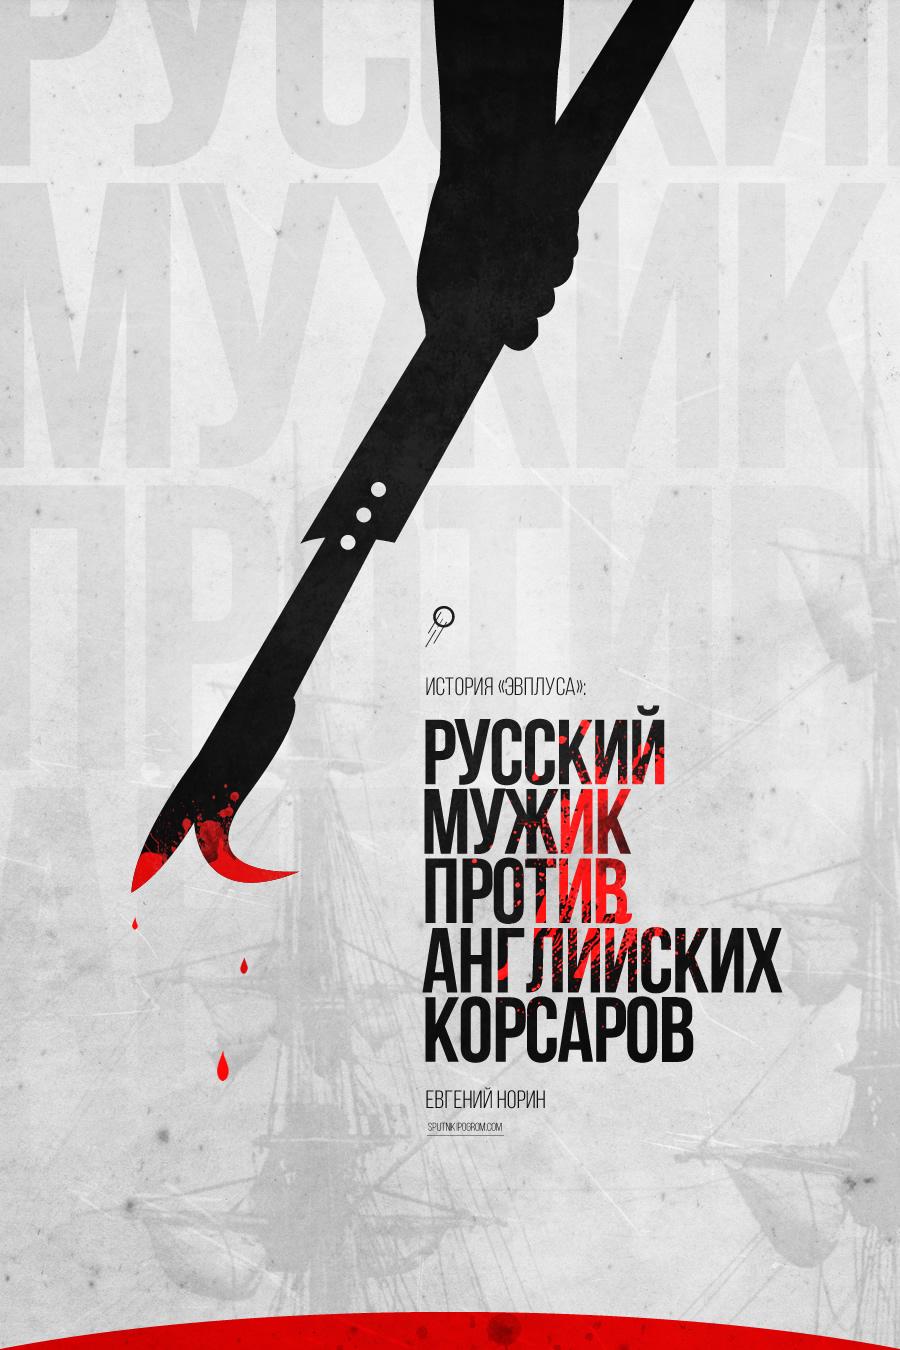 Фотографии мужиков военных русских 6 фотография